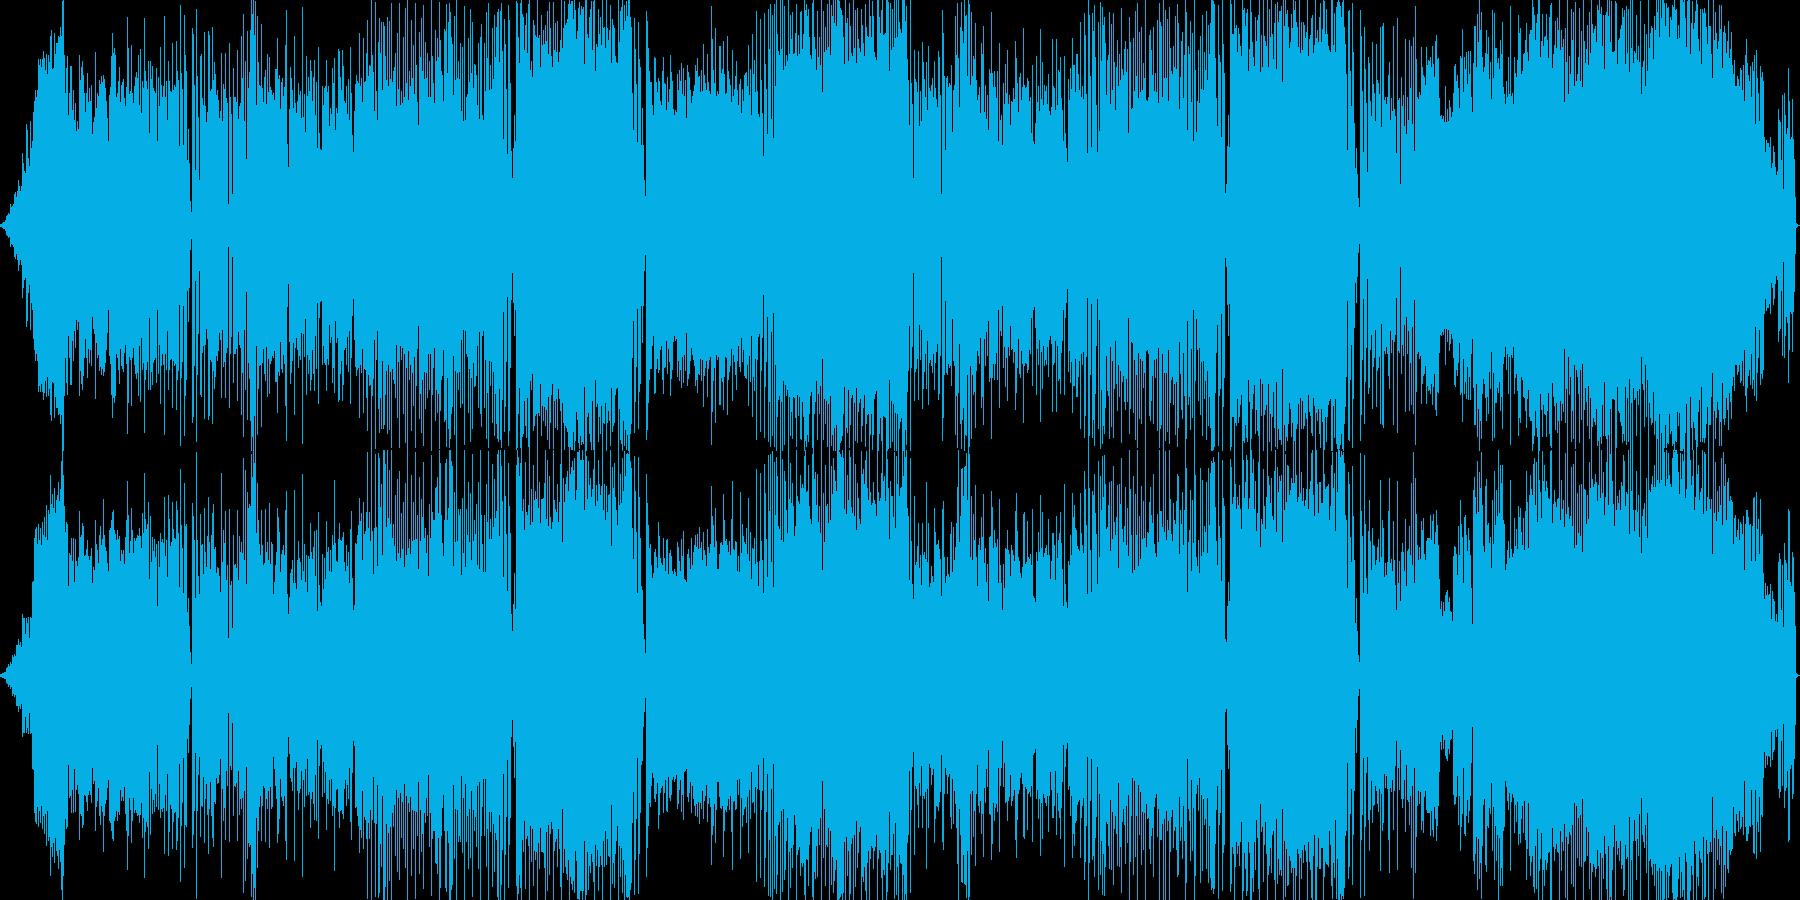 和風 レゲエ風のリズムのバラードの再生済みの波形